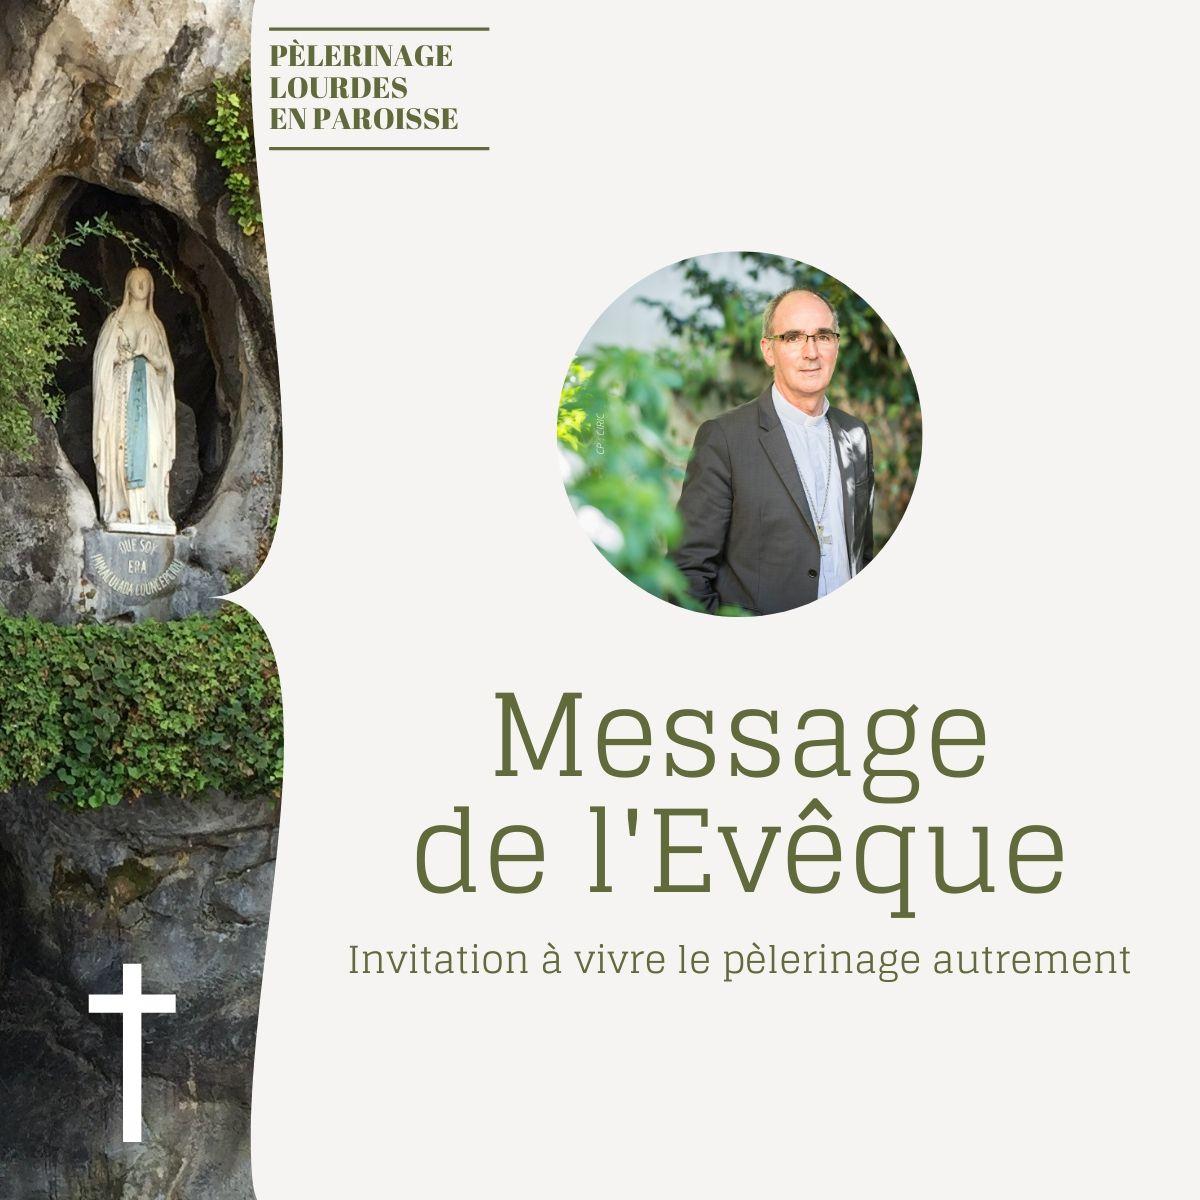 Pèlerinage de Lourdes en paroisse : message de l'évêque